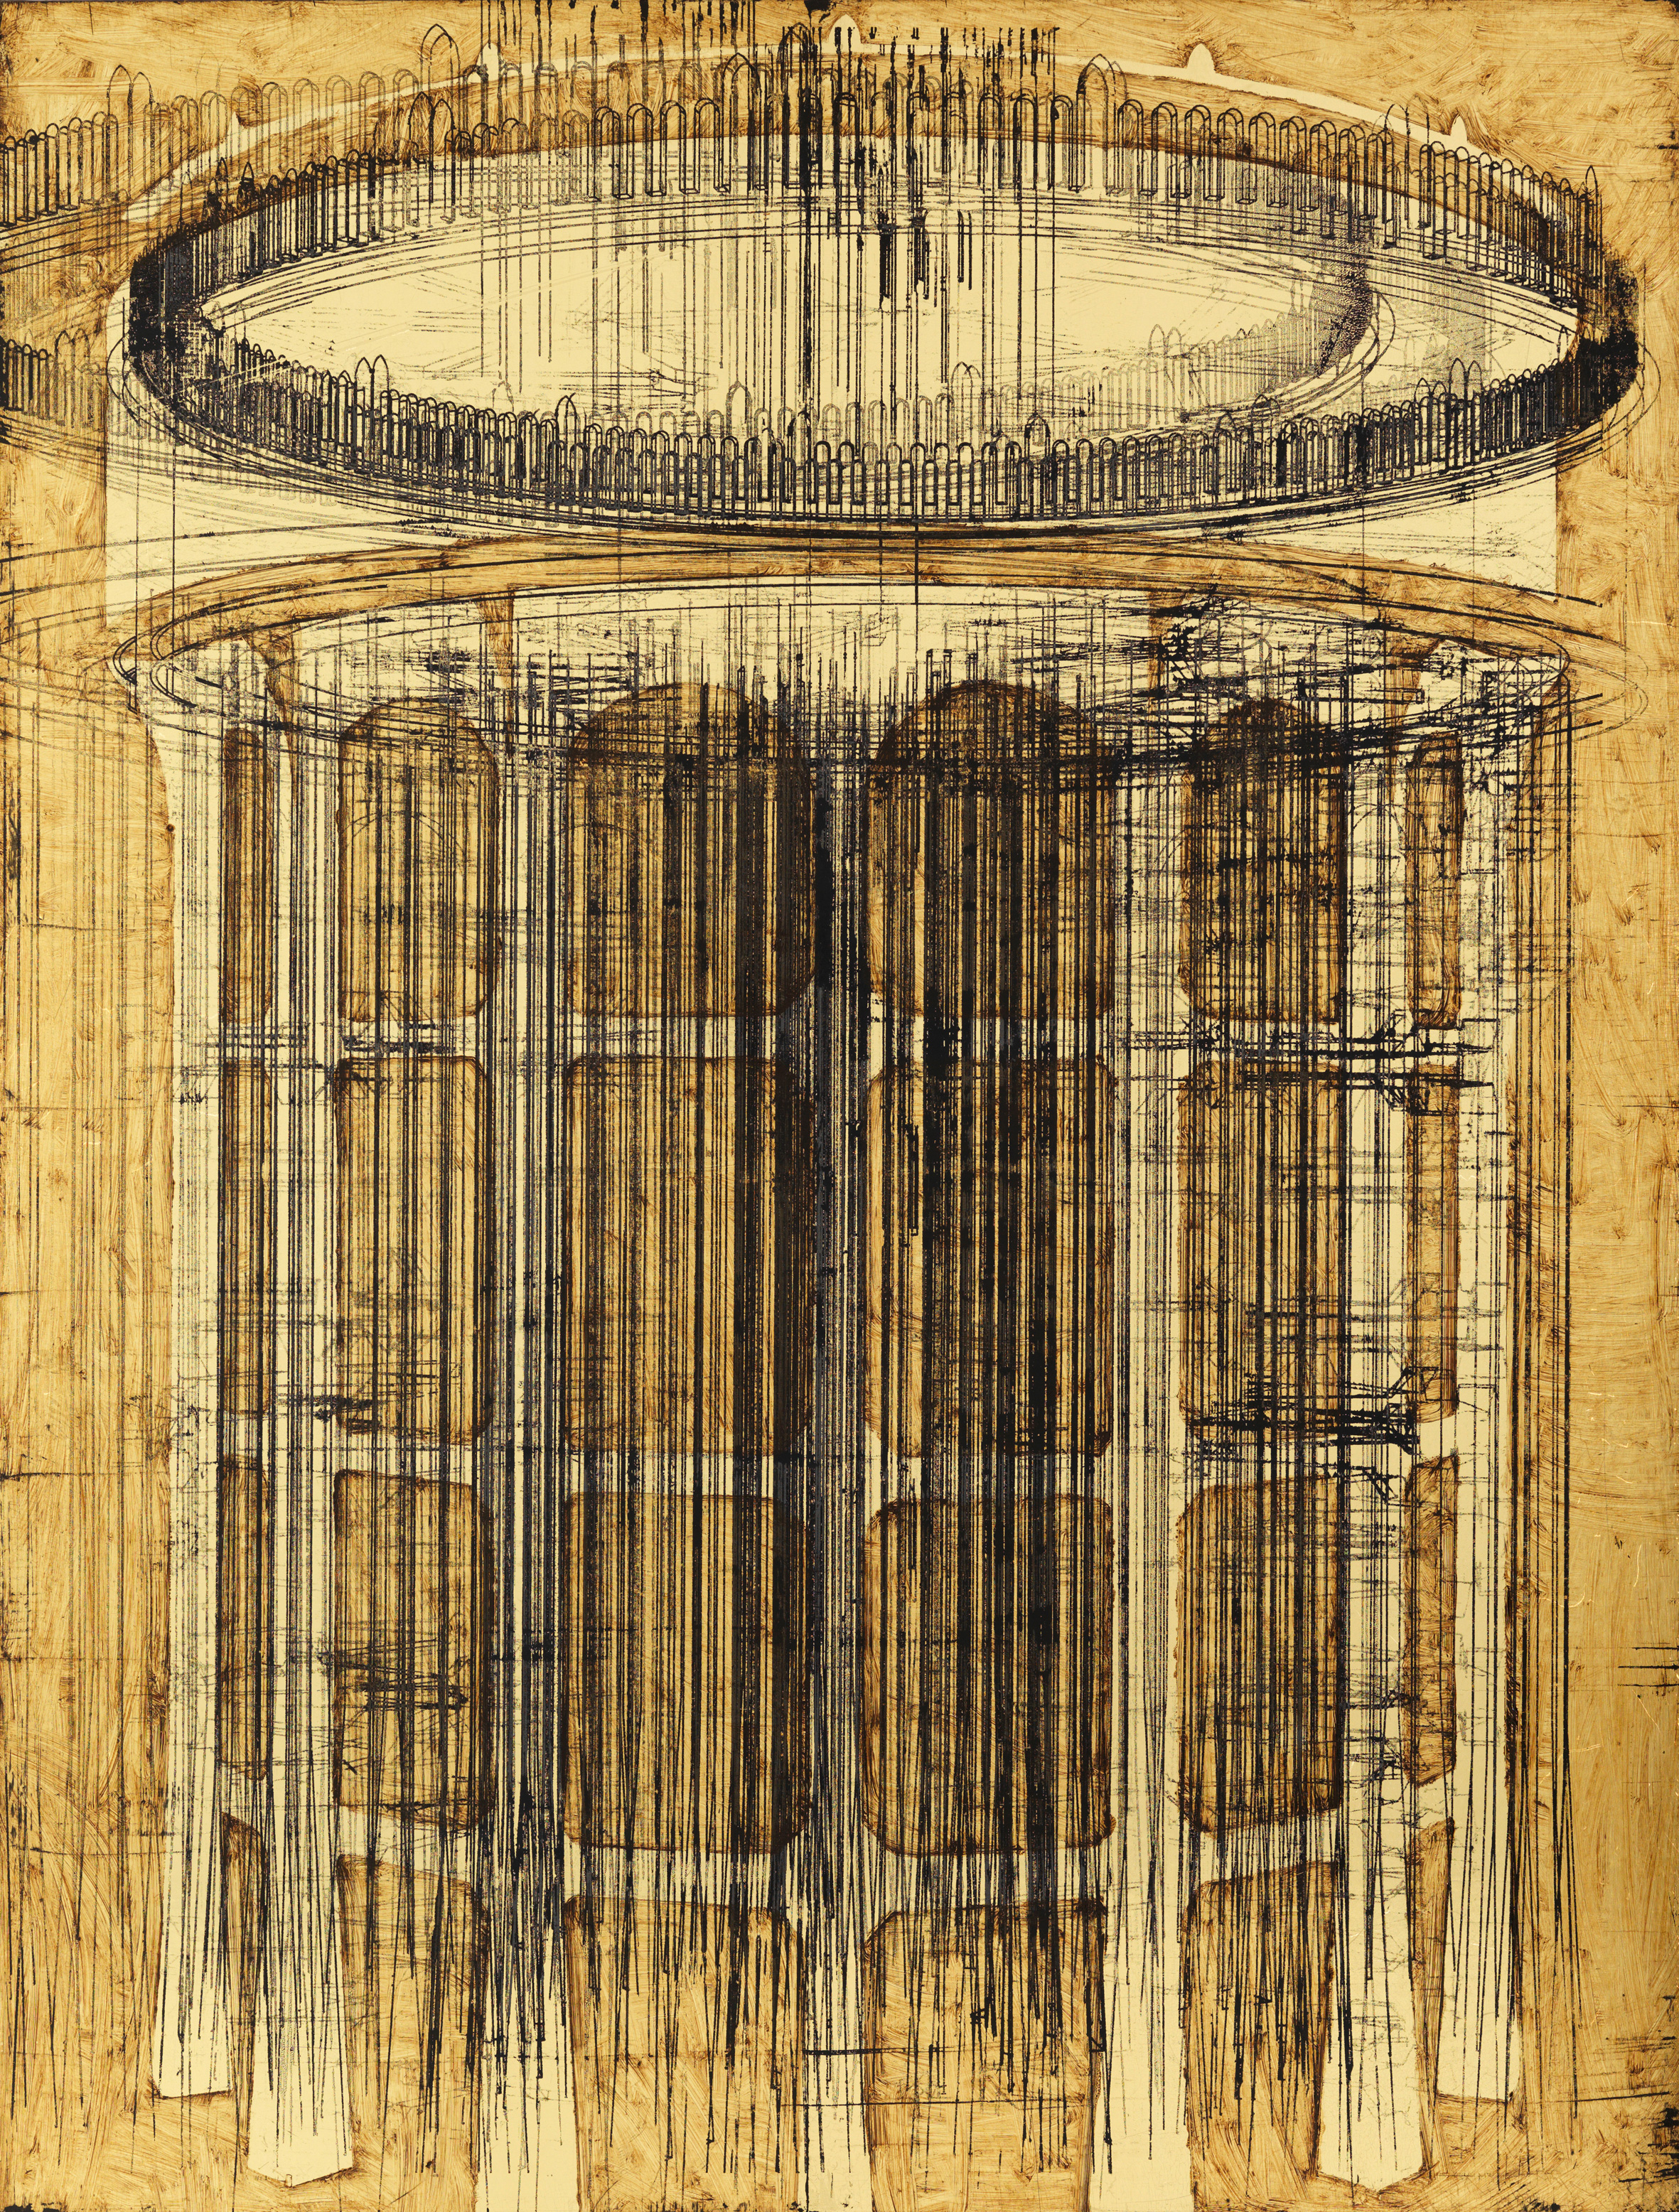 Water Tower (variaciones)